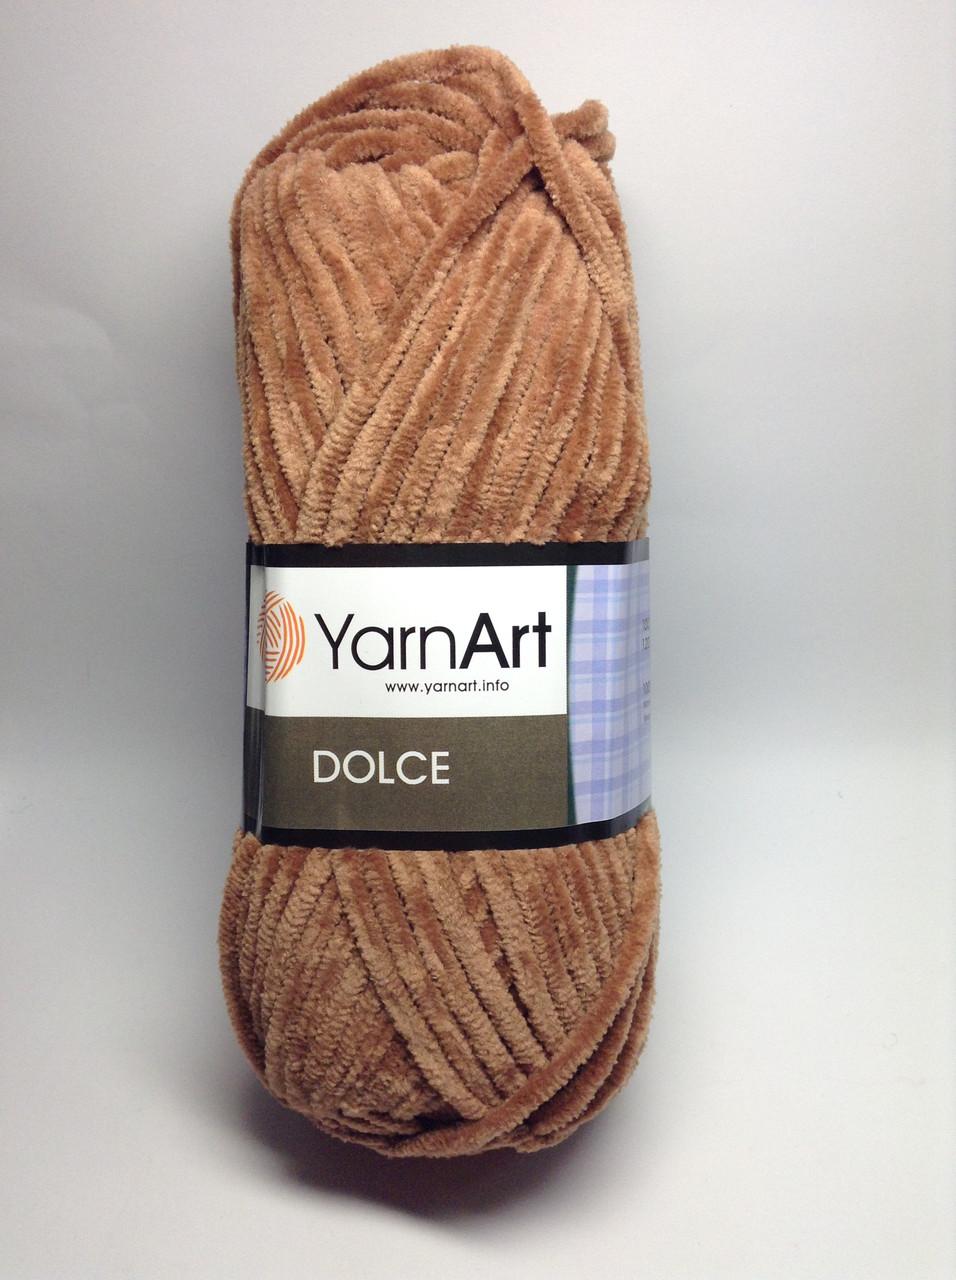 Пряжа dolce - цвет коричневый